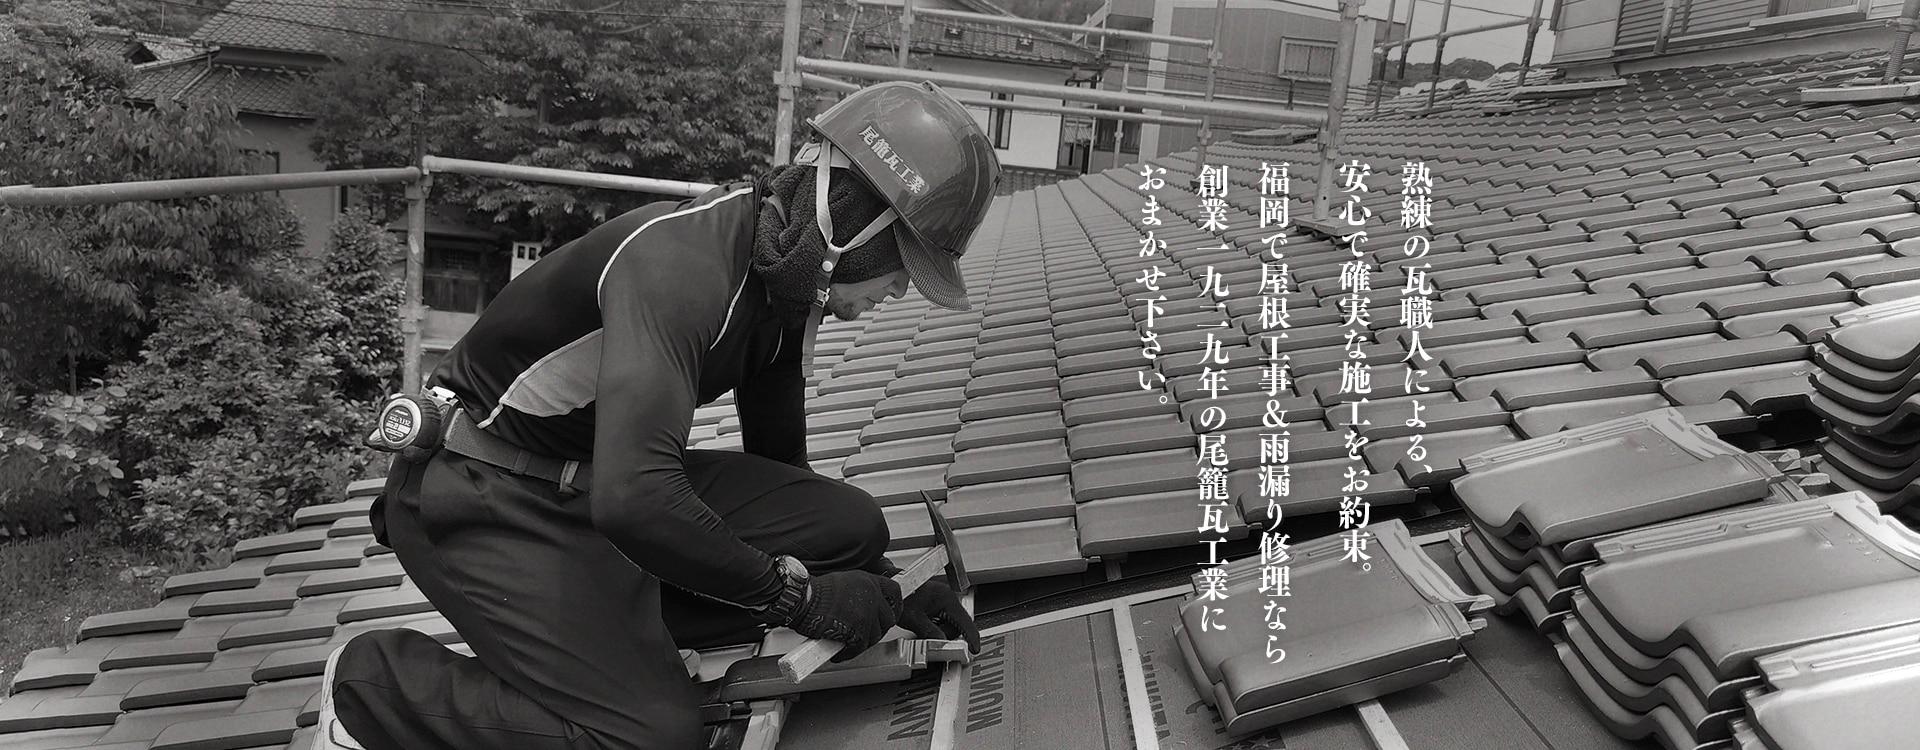 熟練の瓦職人による、安心で確実な施工をお約束。福岡で屋根工事&雨漏り修理なら創業1929年の尾籠瓦工業におまかせ下さい。